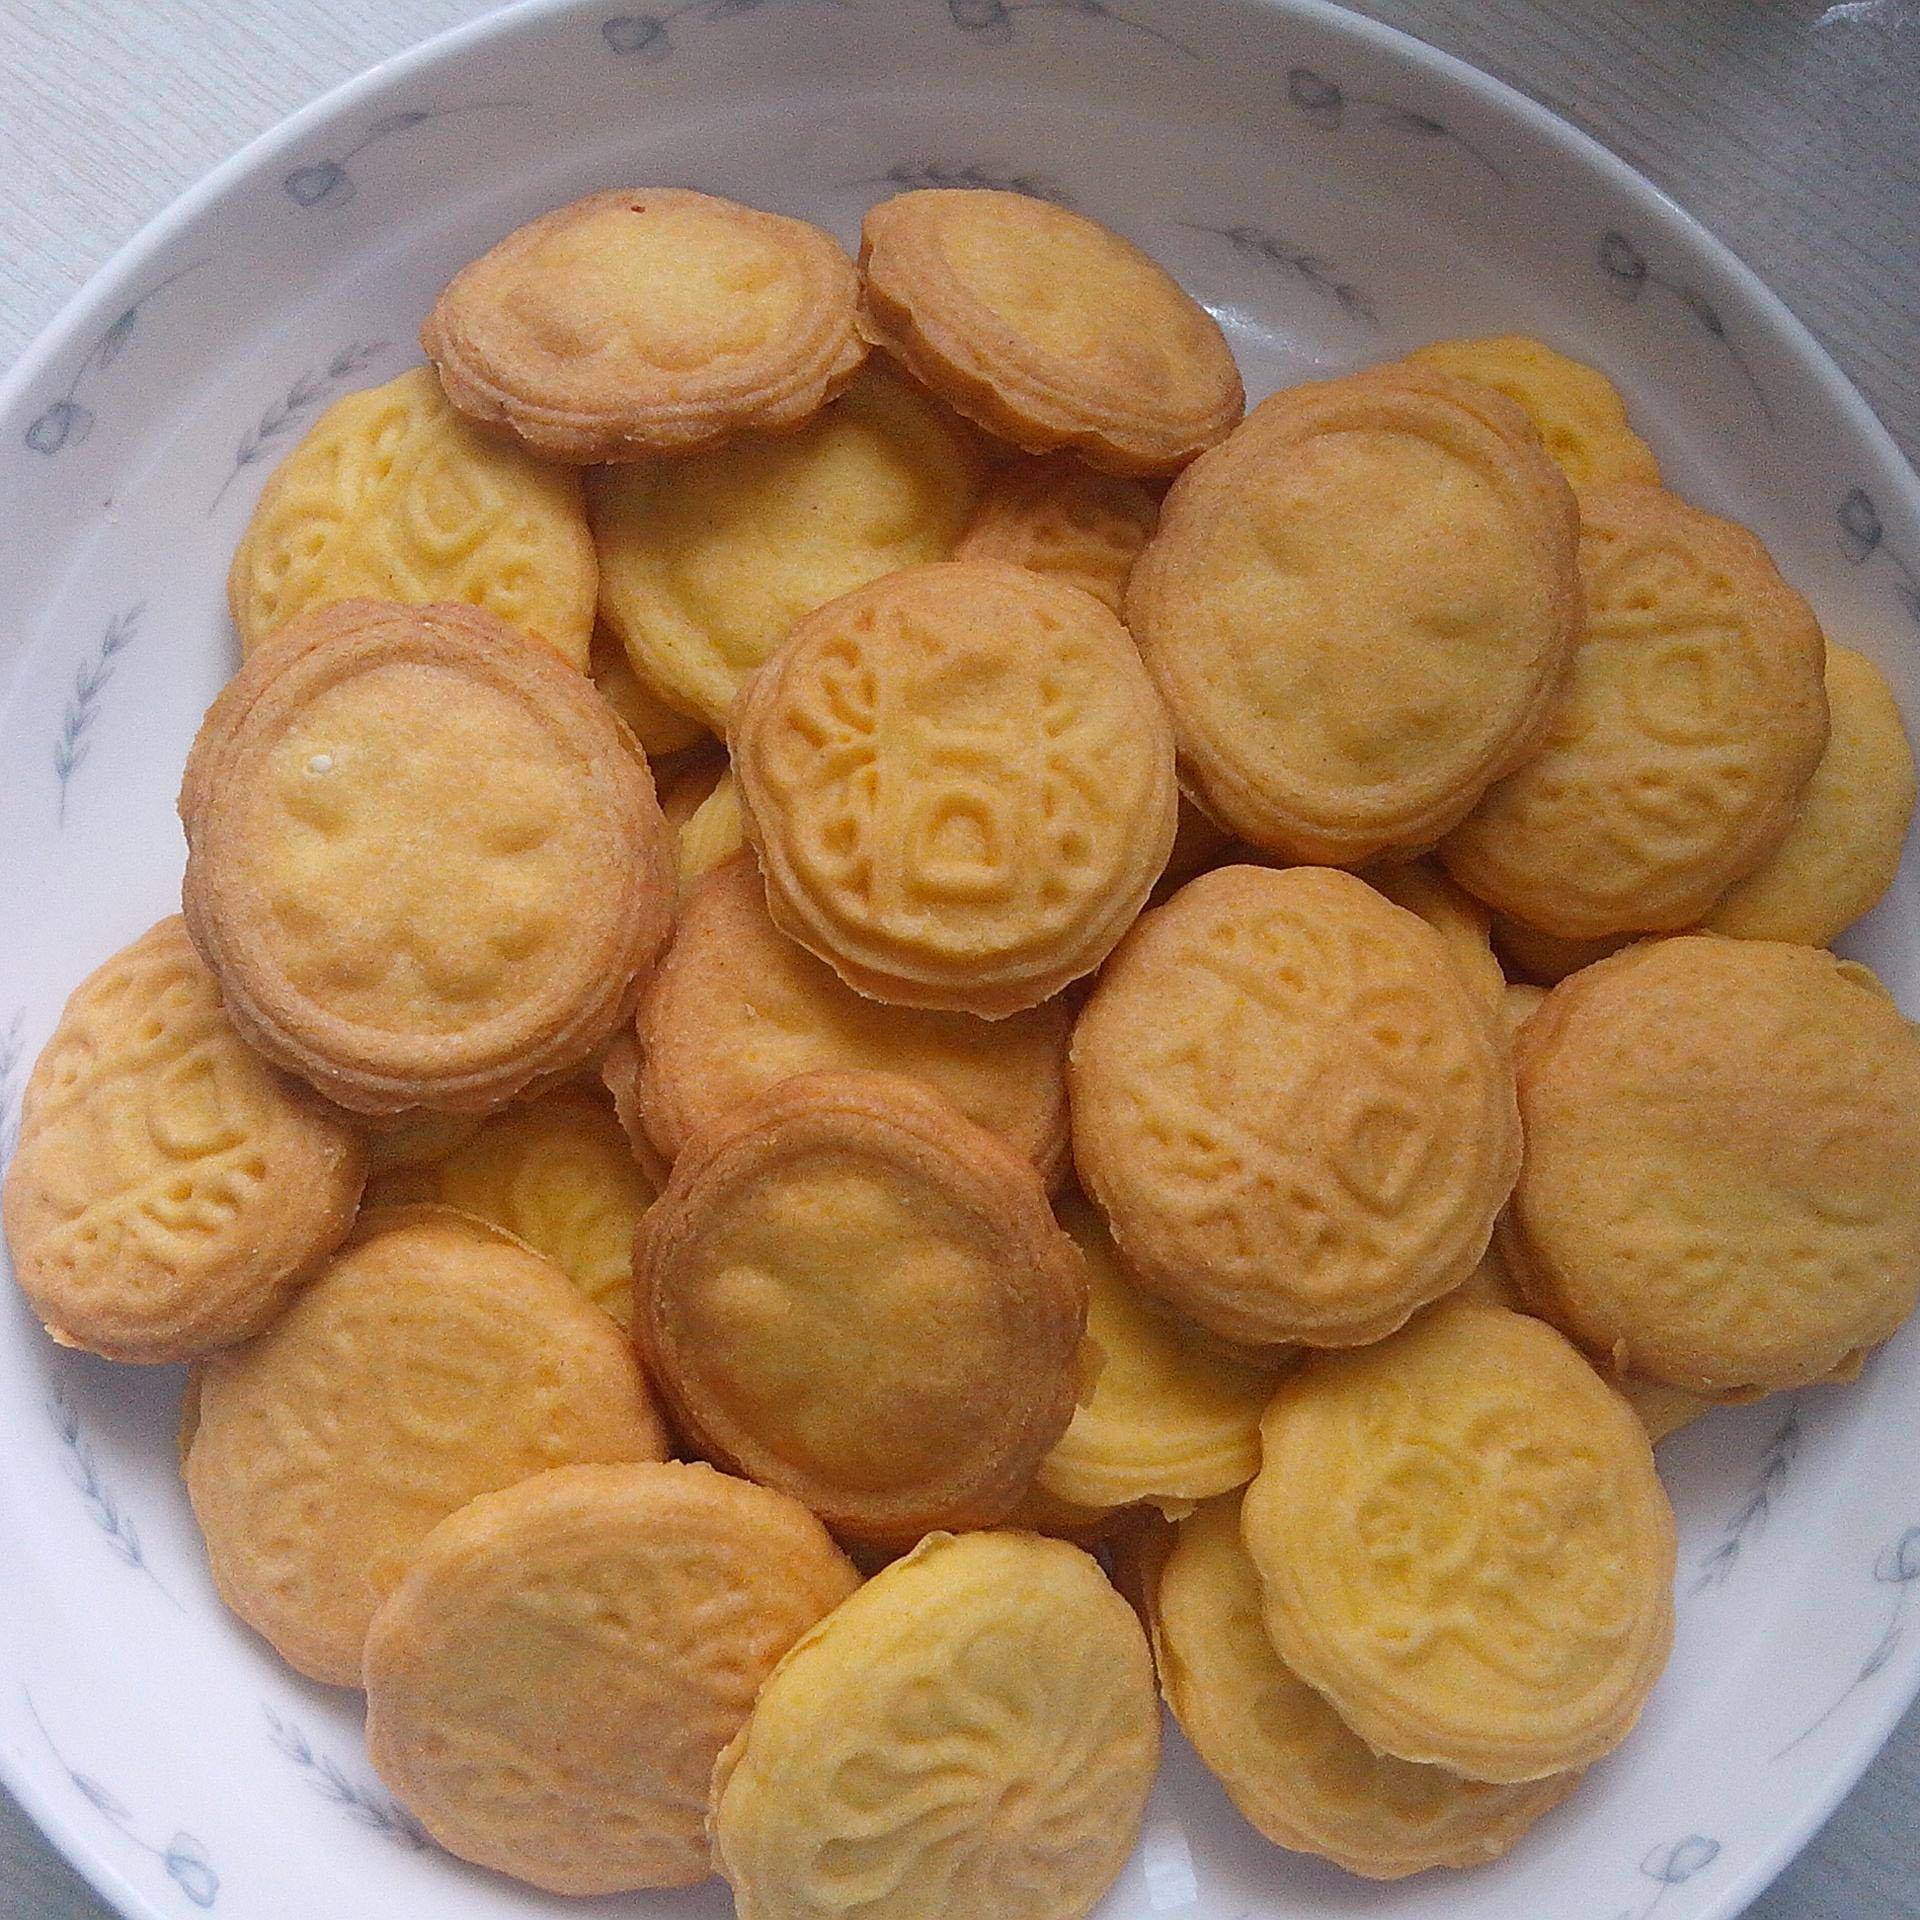 自己做的饼干